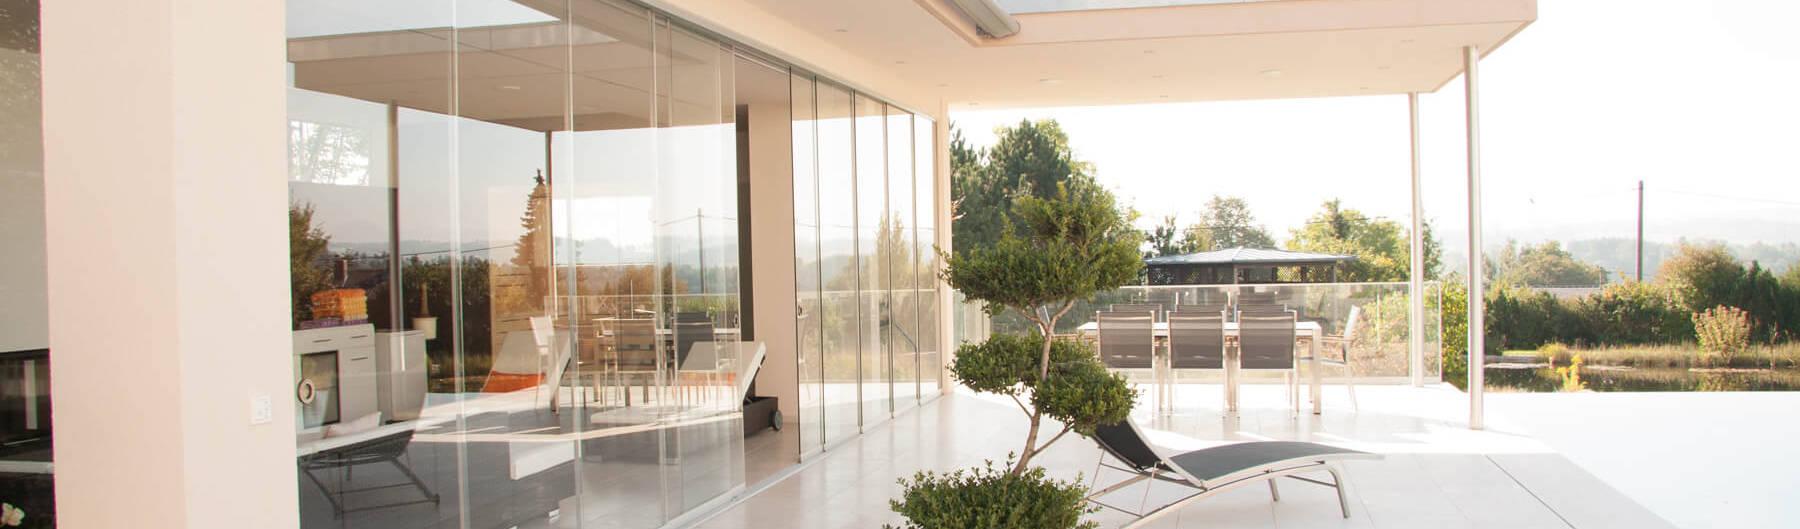 teilverglaste terrassen berdachung aus glas aluminium ganzglasschiebet ren von schmidinger. Black Bedroom Furniture Sets. Home Design Ideas